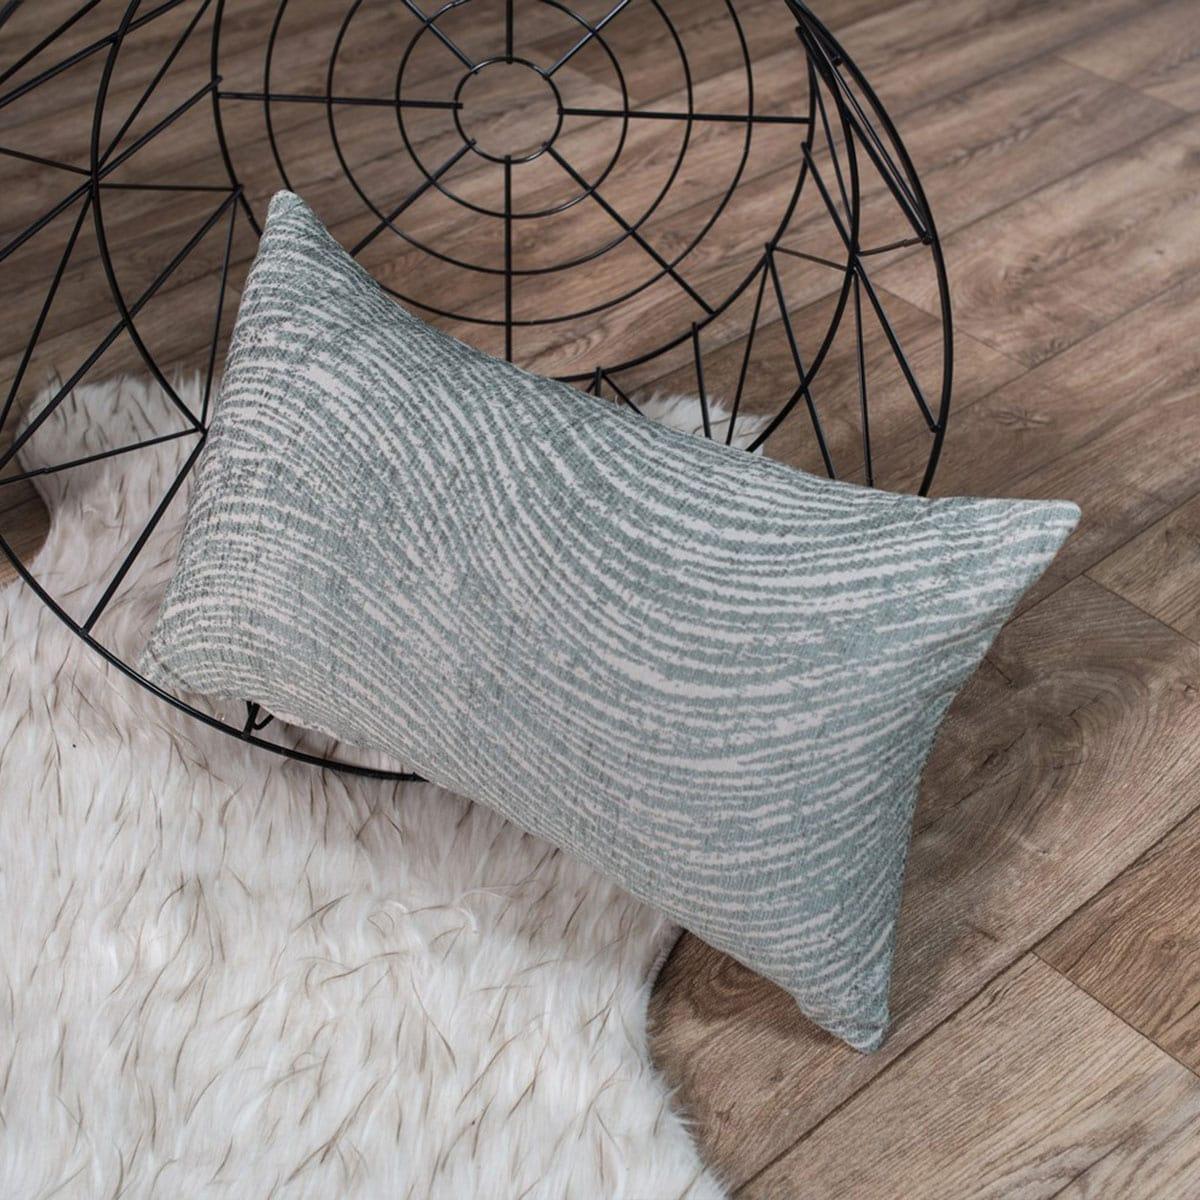 Μαξιλάρι Διακοσμητικό (Με Γέμιση) Oregon 04 Grey Teoran 30Χ50 Ακρυλικό-Polyester